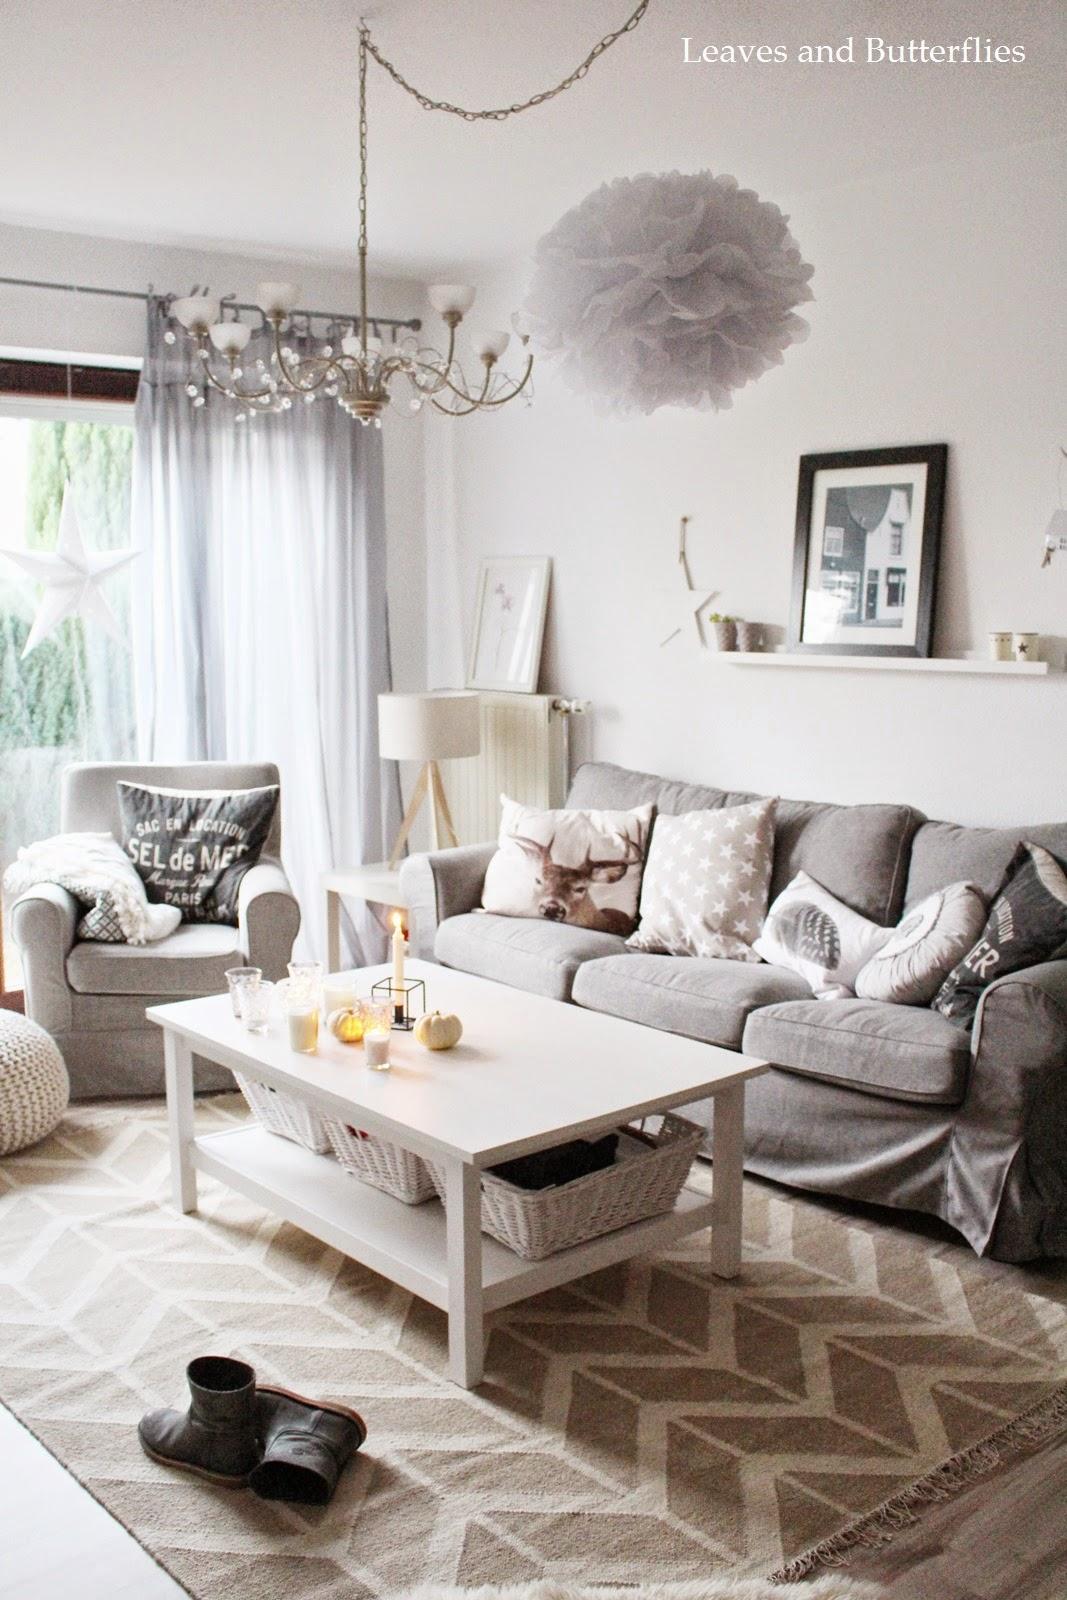 kleiner wohnzimmer einblick und ein sch nes wochenende f r euch. Black Bedroom Furniture Sets. Home Design Ideas